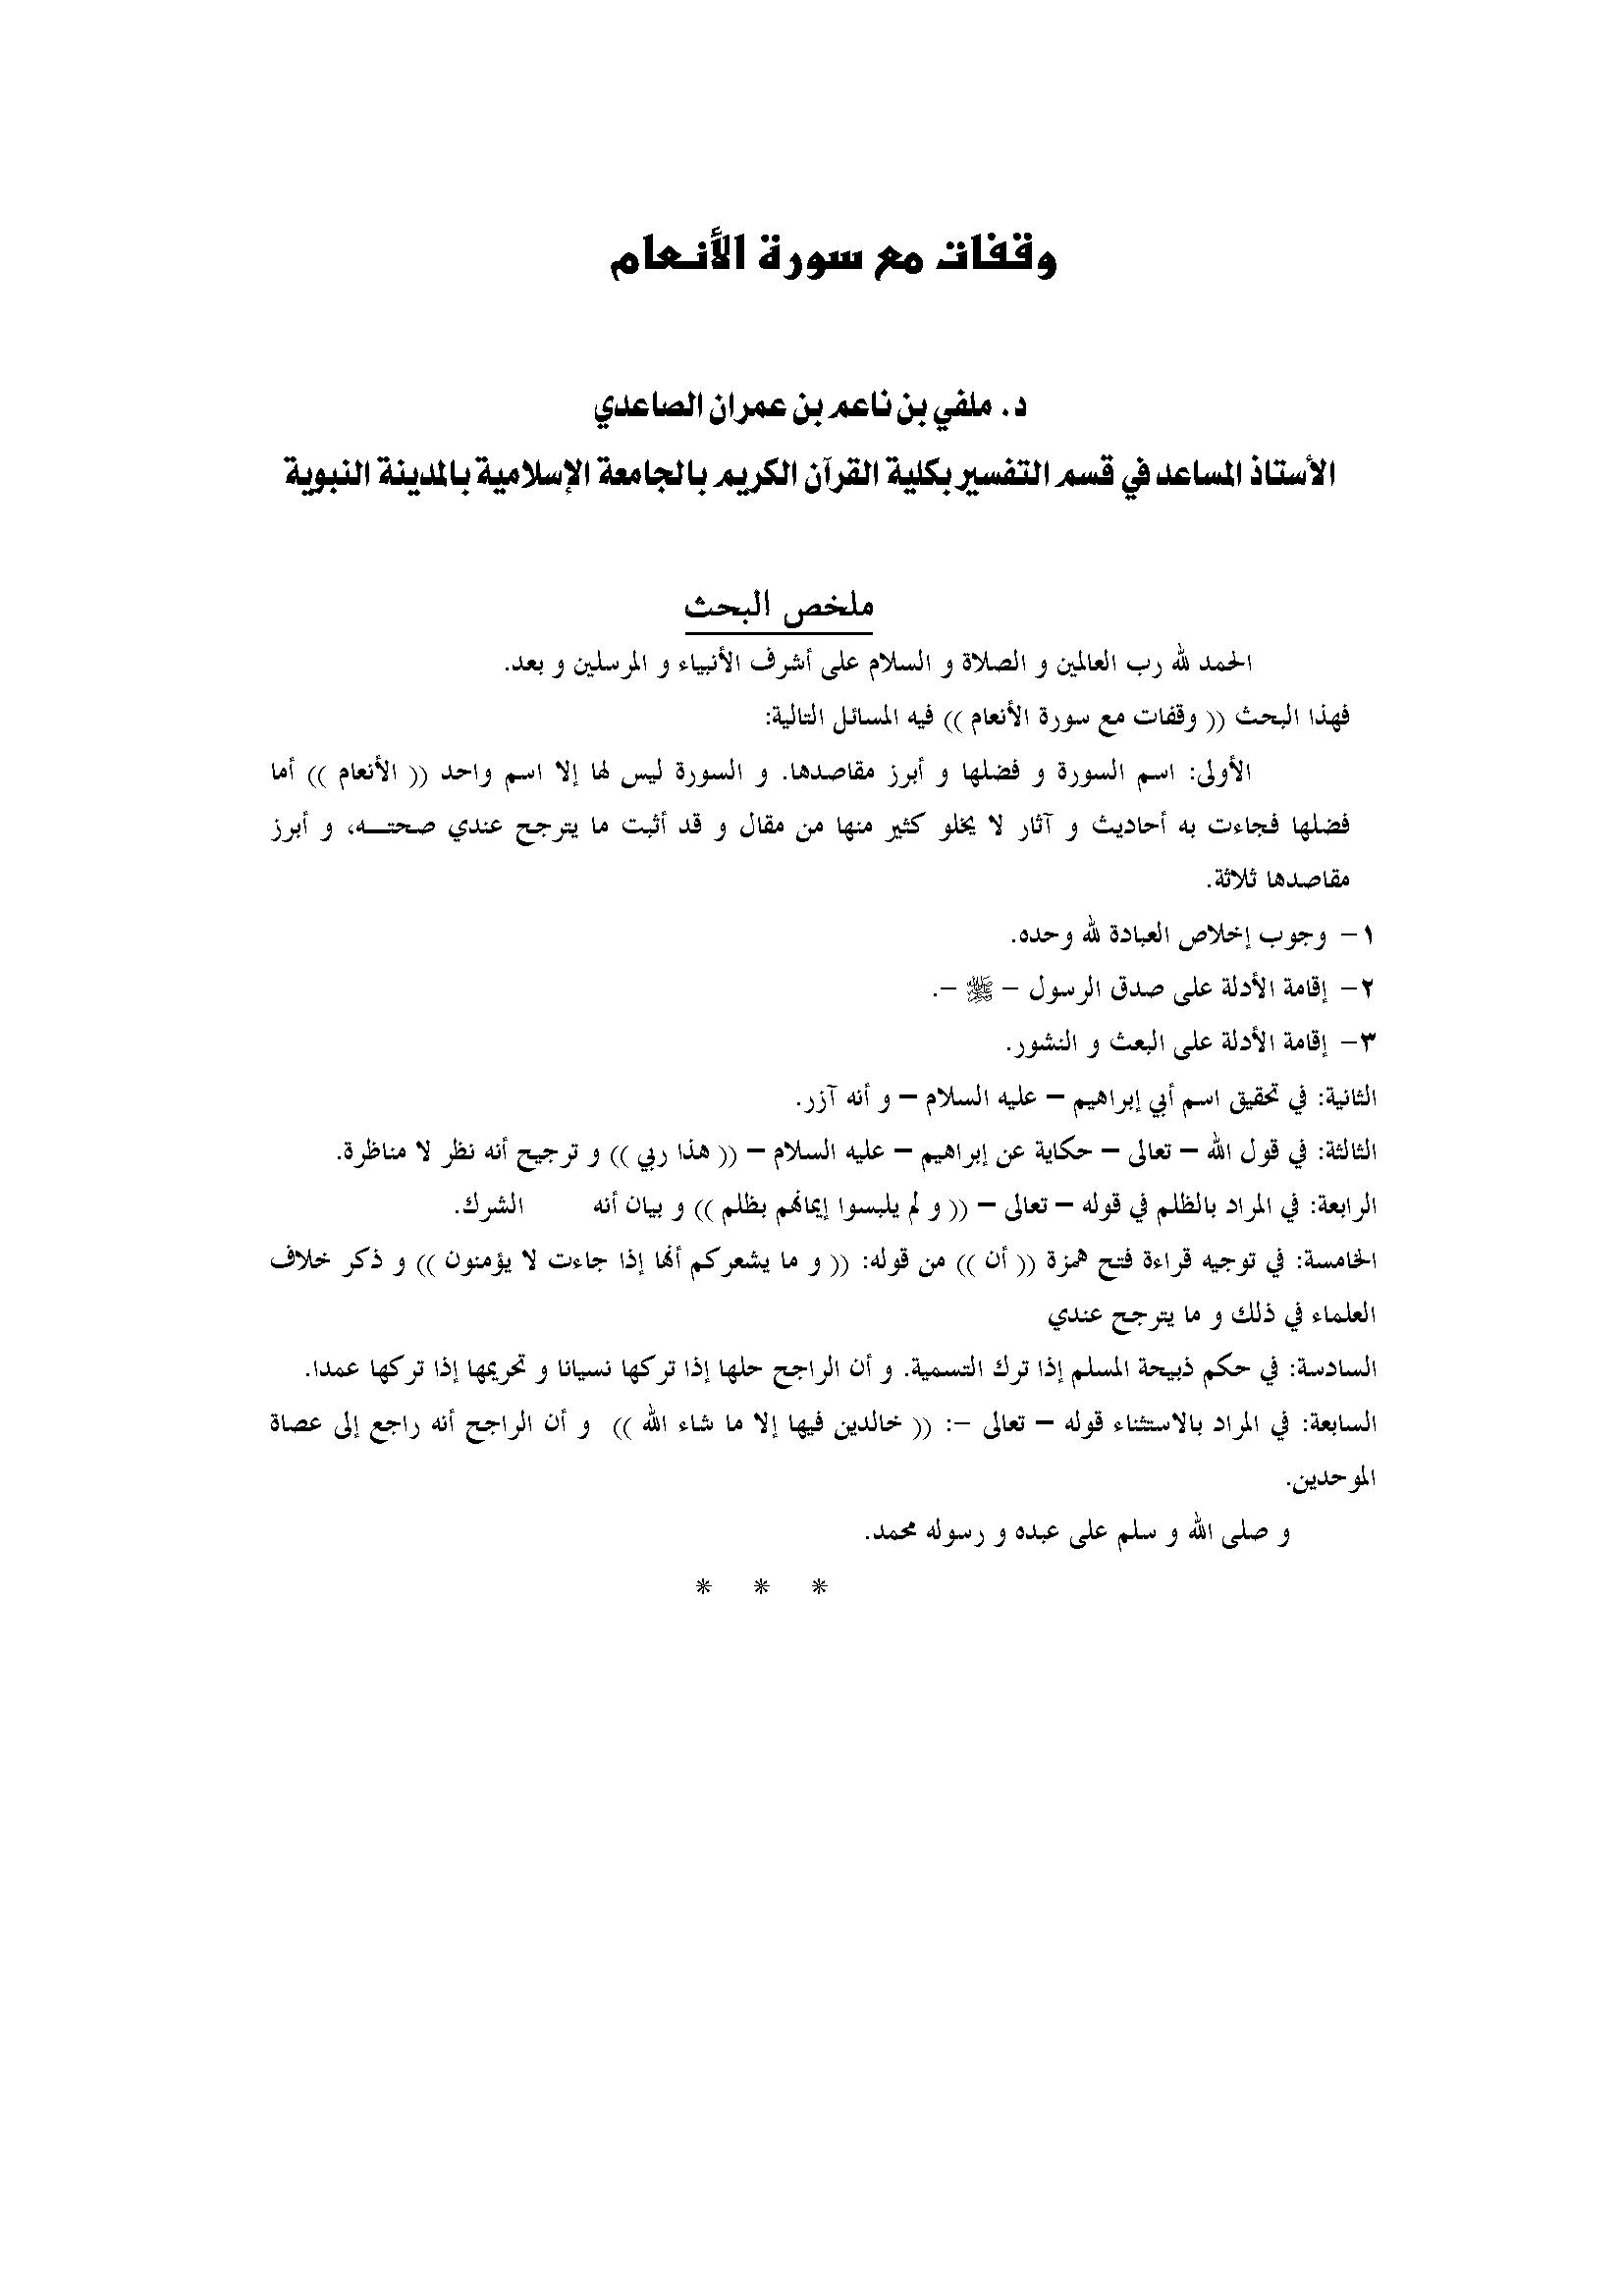 تحميل كتاب وقفات مع سورة الأنعام لـِ: الدكتور ملفي بن ناعم بن عمران الصاعدي